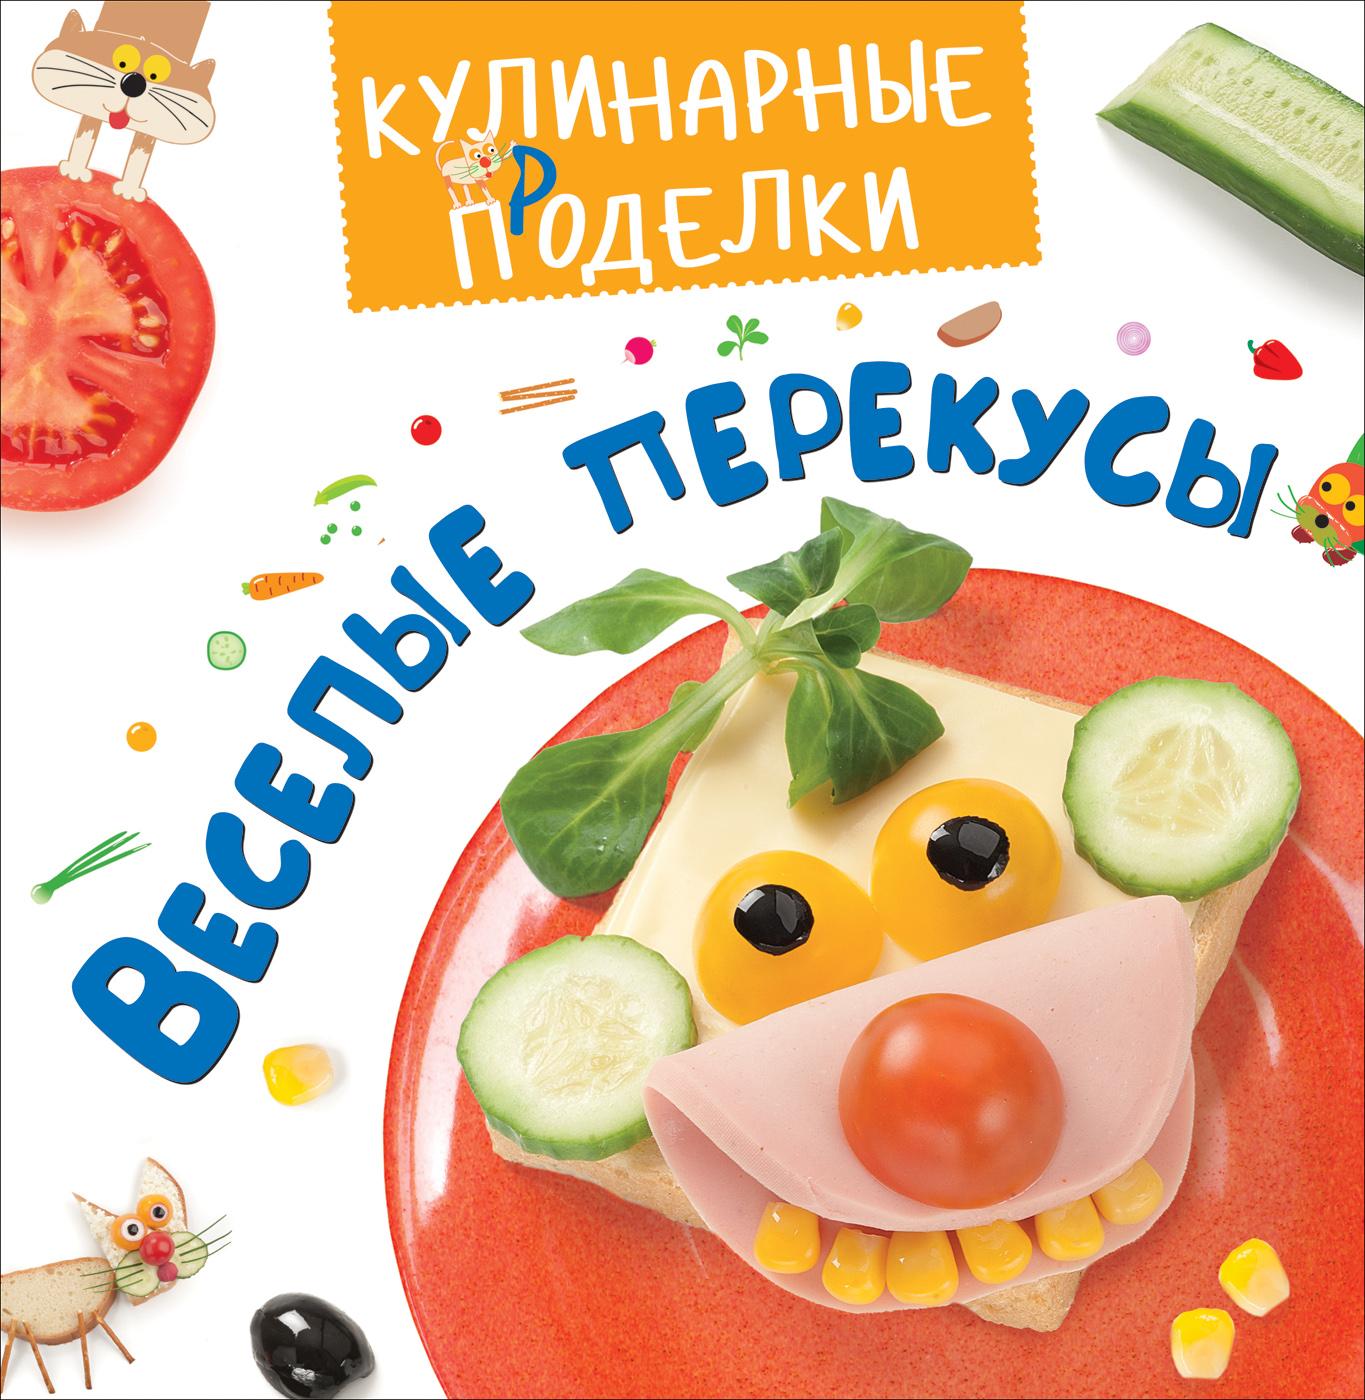 Книга из серии Кулинарные проделки - Весёлые перекусыЧтение для родителей<br>Книга из серии Кулинарные проделки - Весёлые перекусы<br>